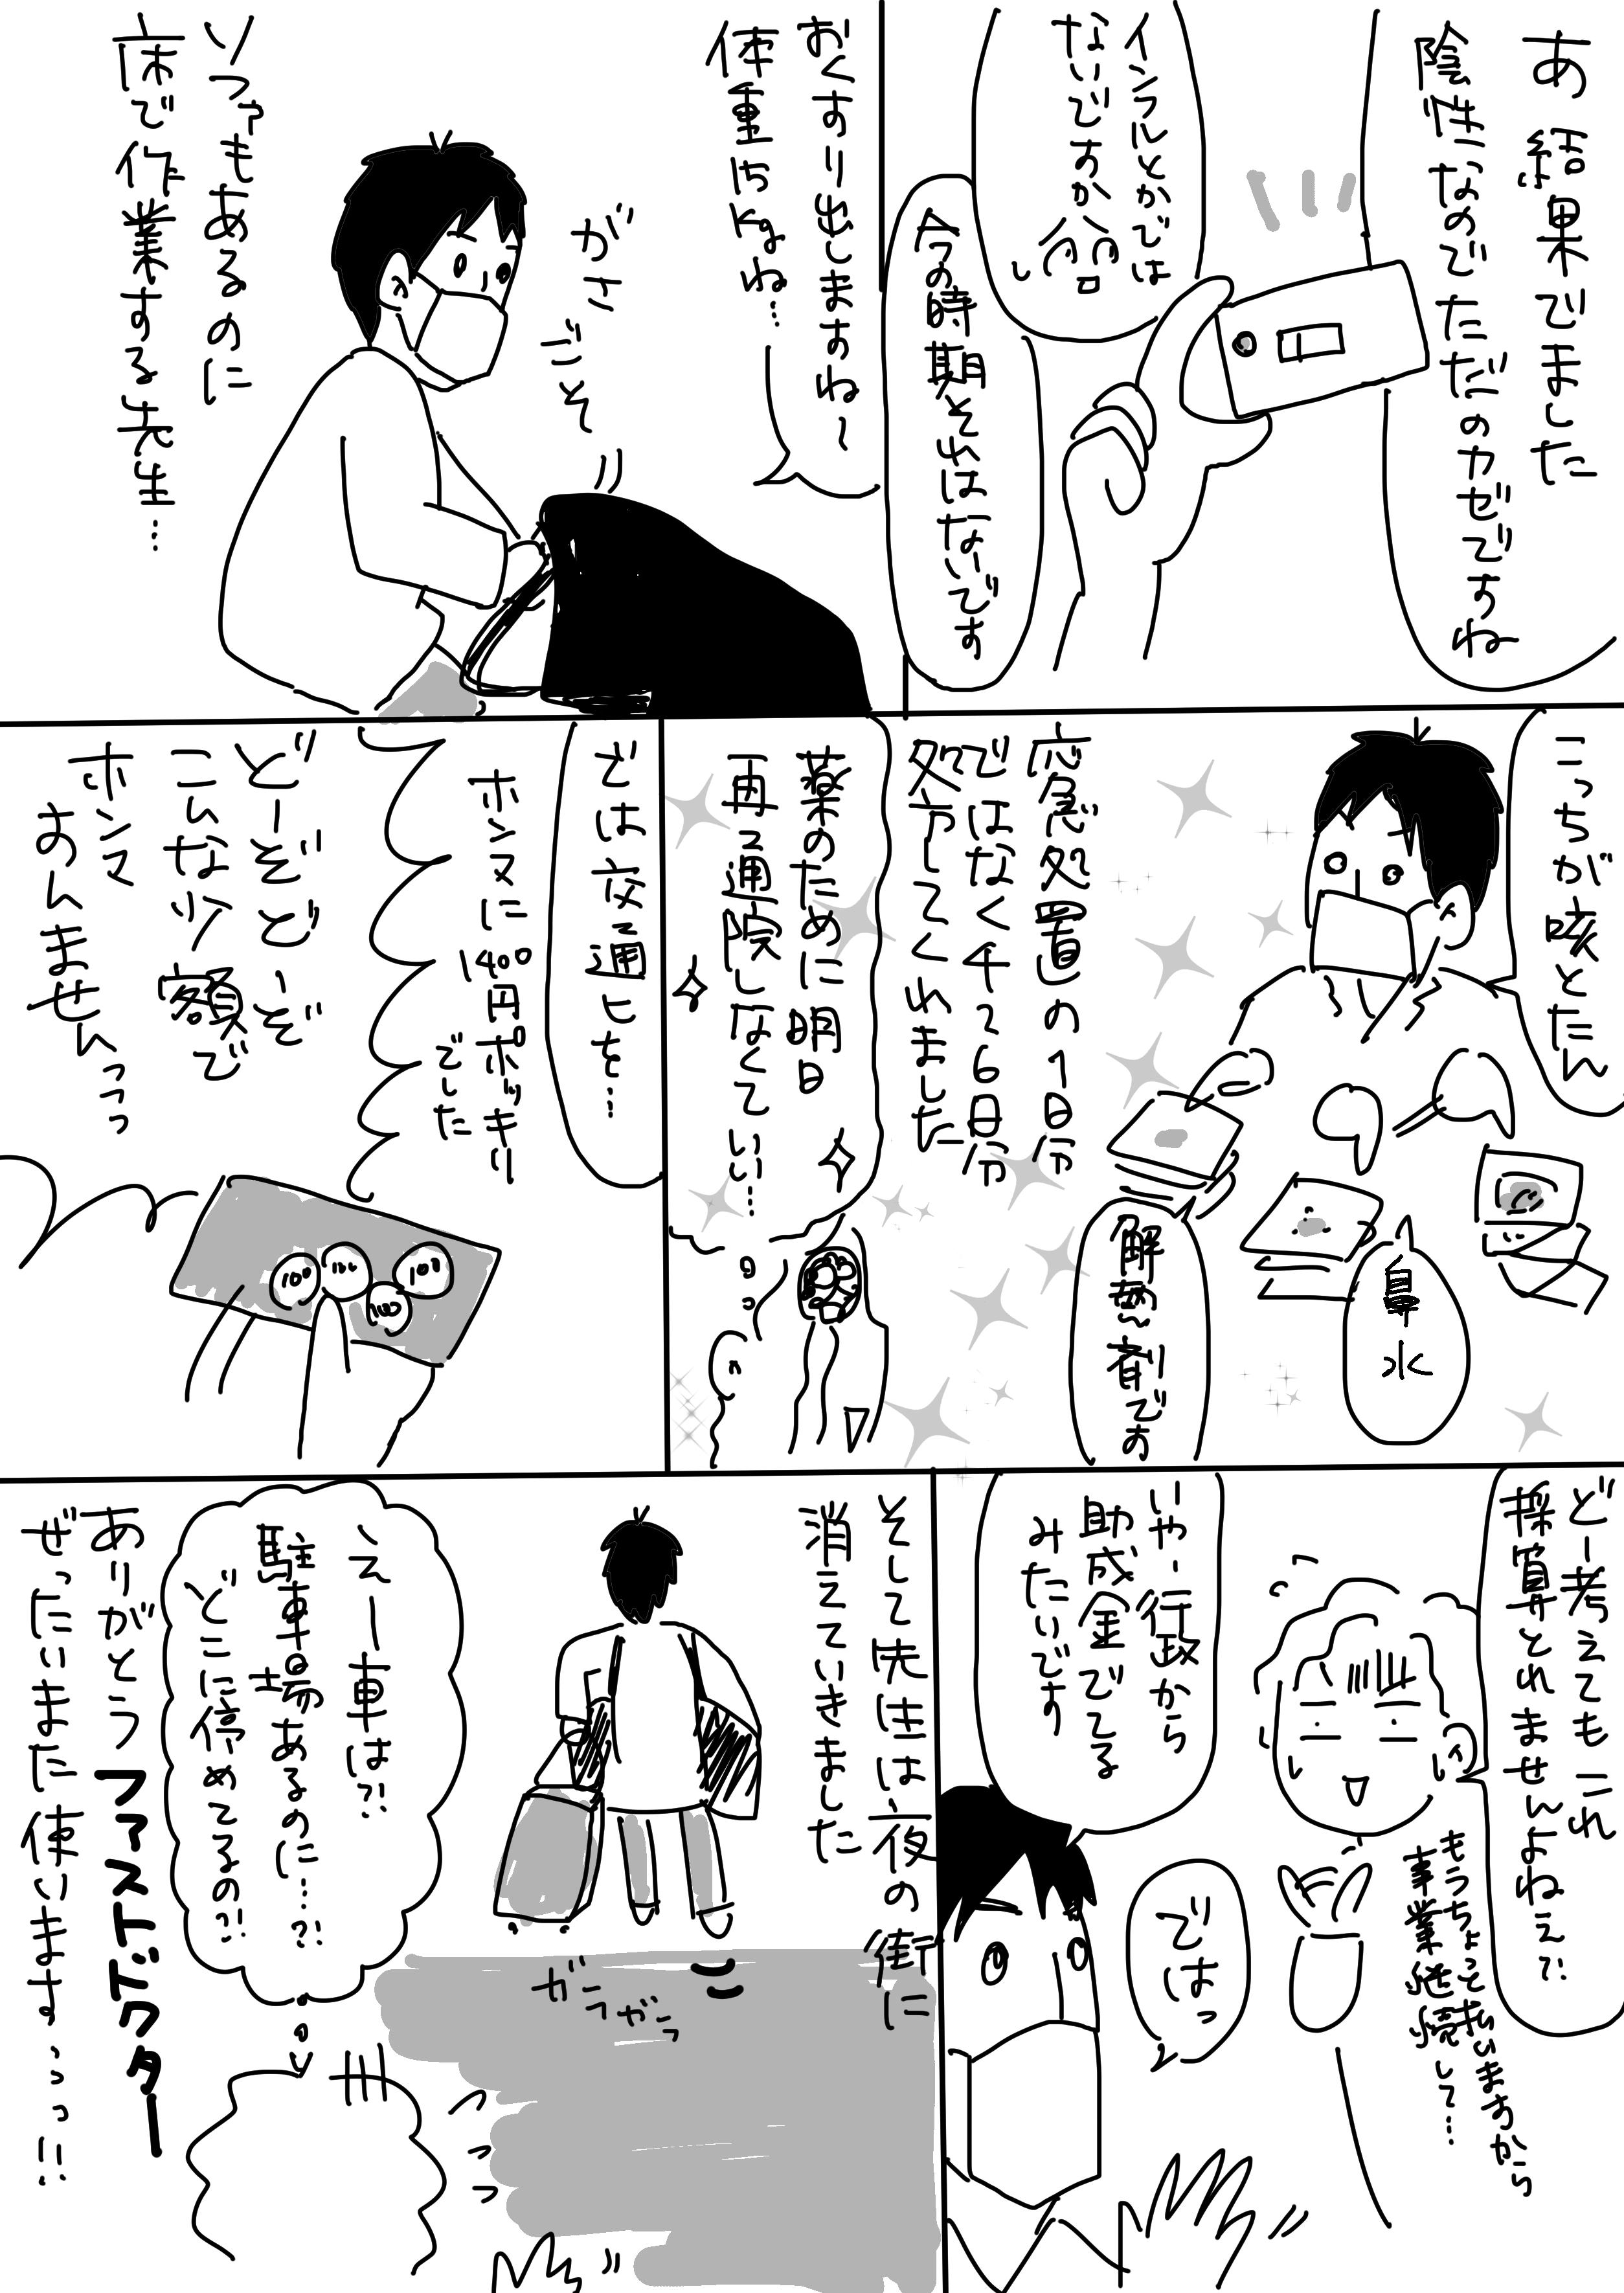 コミック7_出力_003